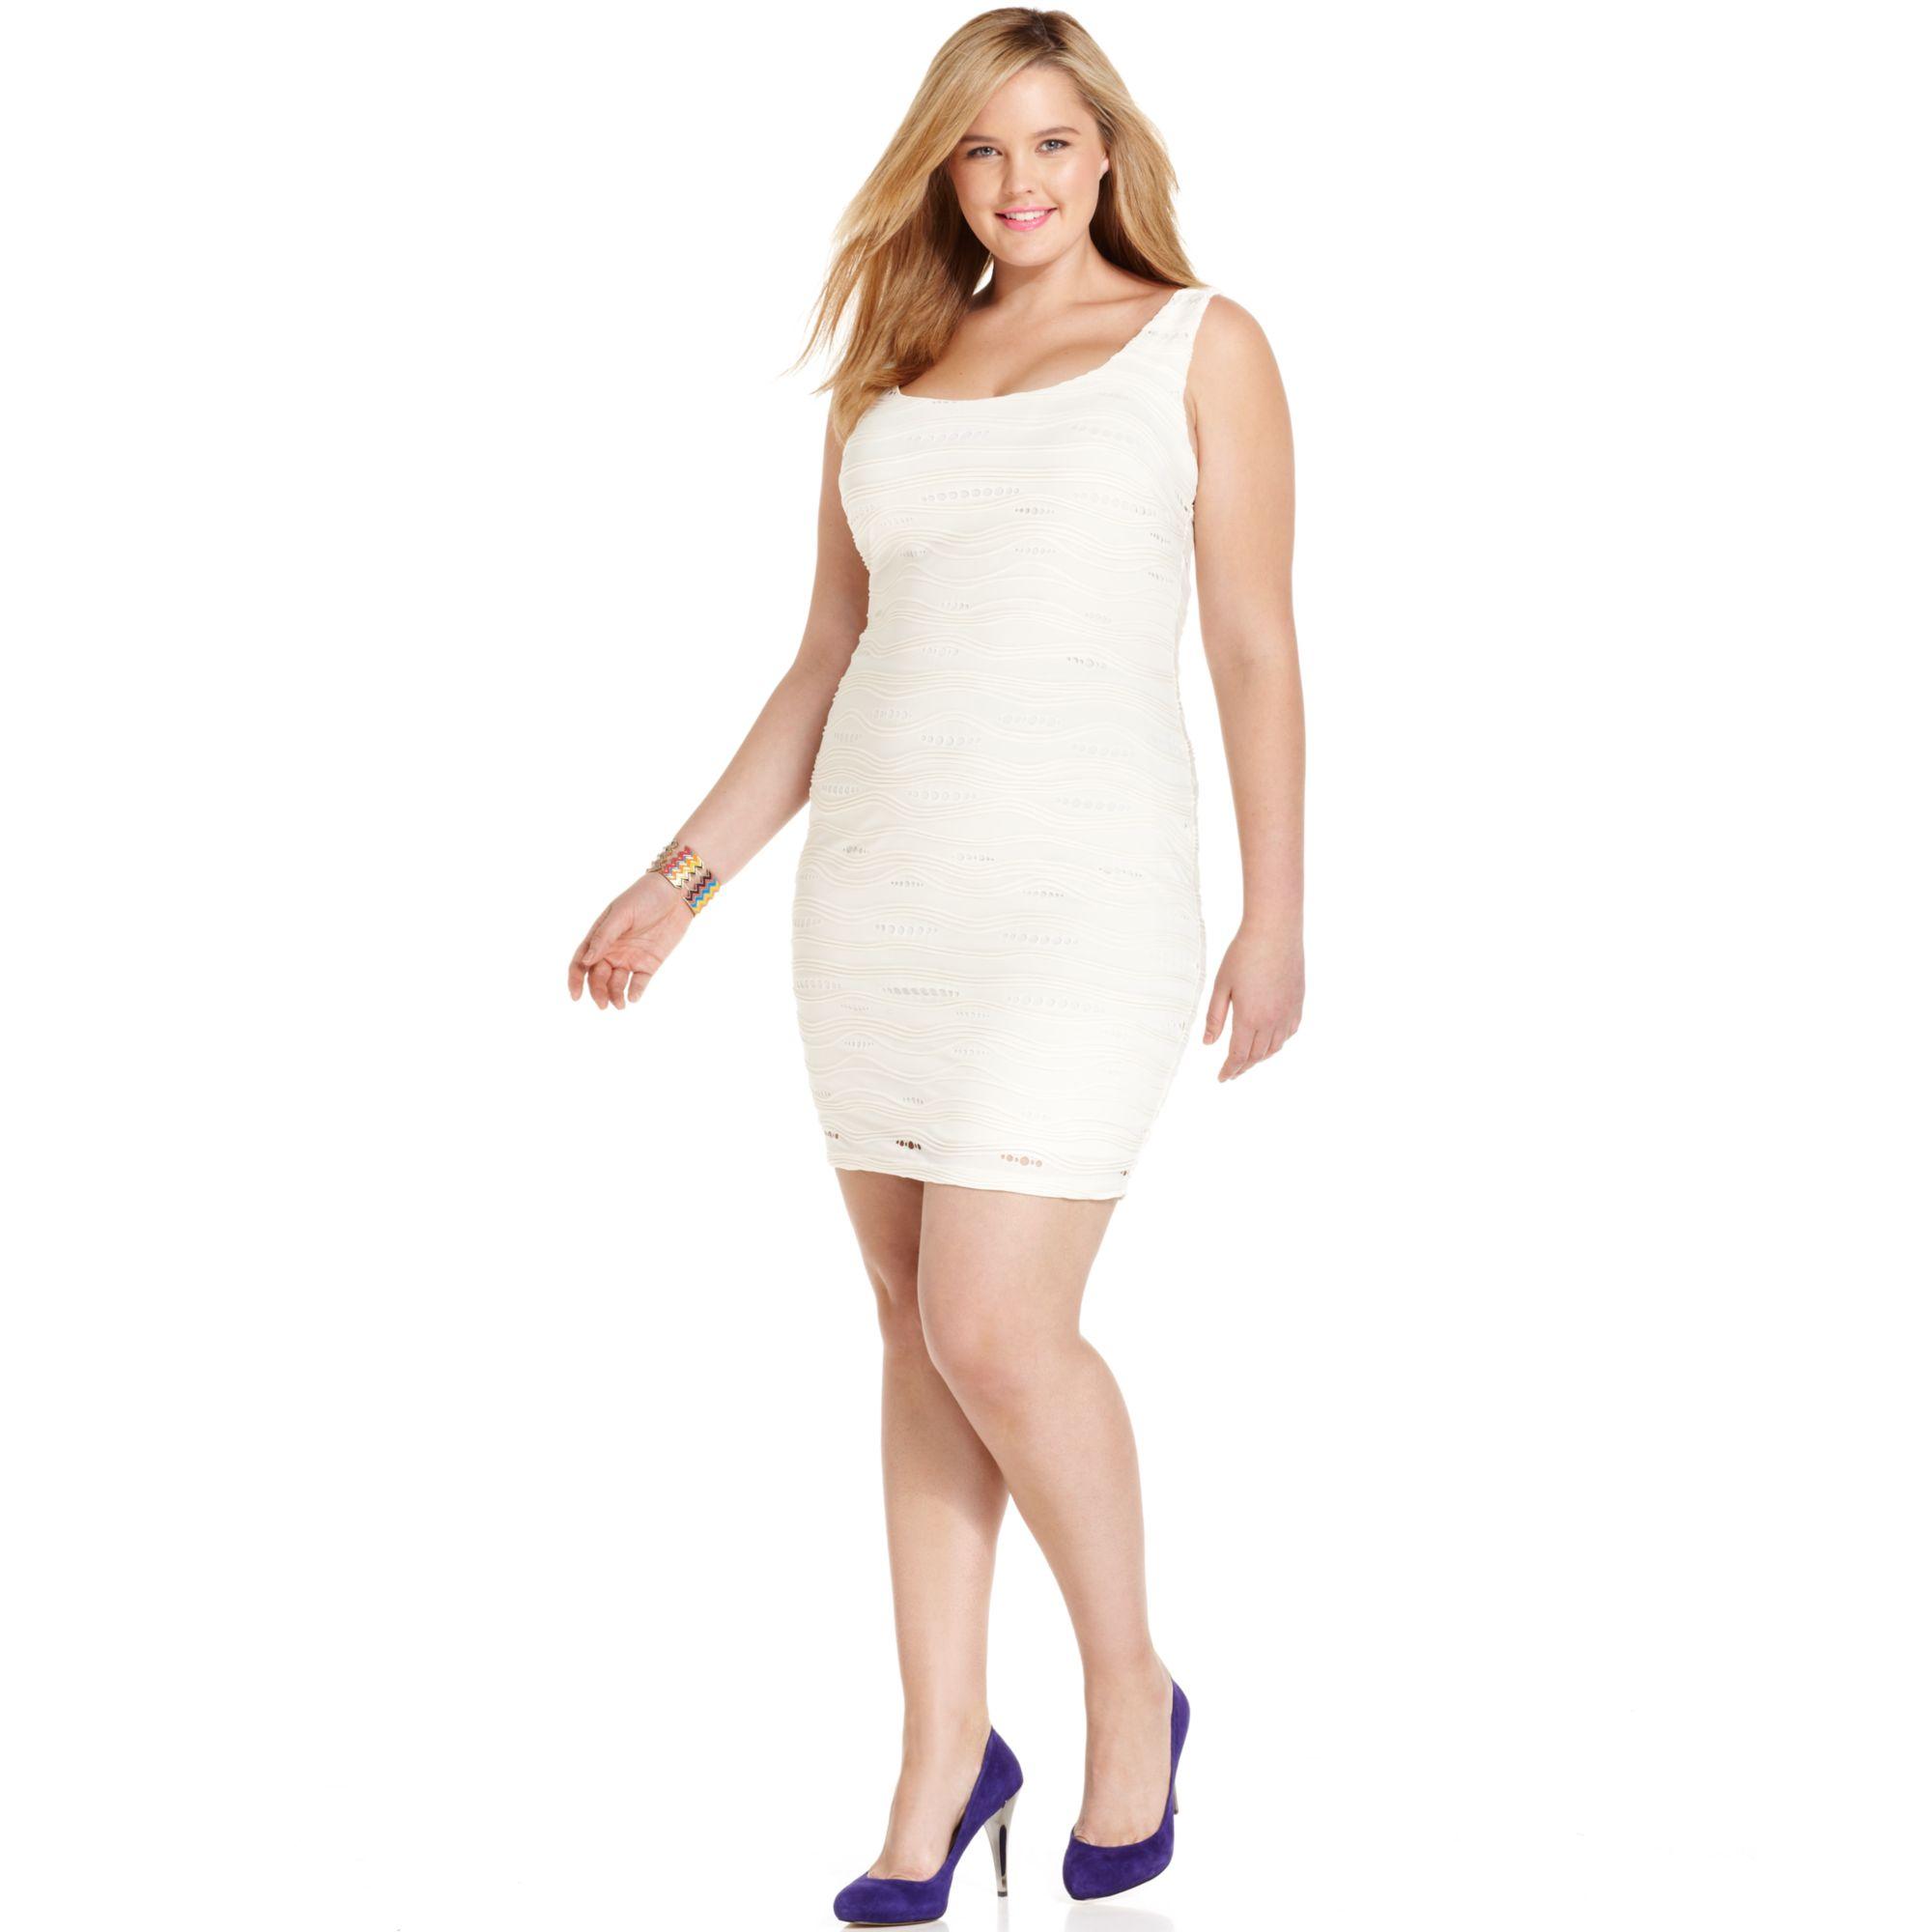 Lyst Soprano Plus Size Sleeveless Textured Bodycon Dress In White